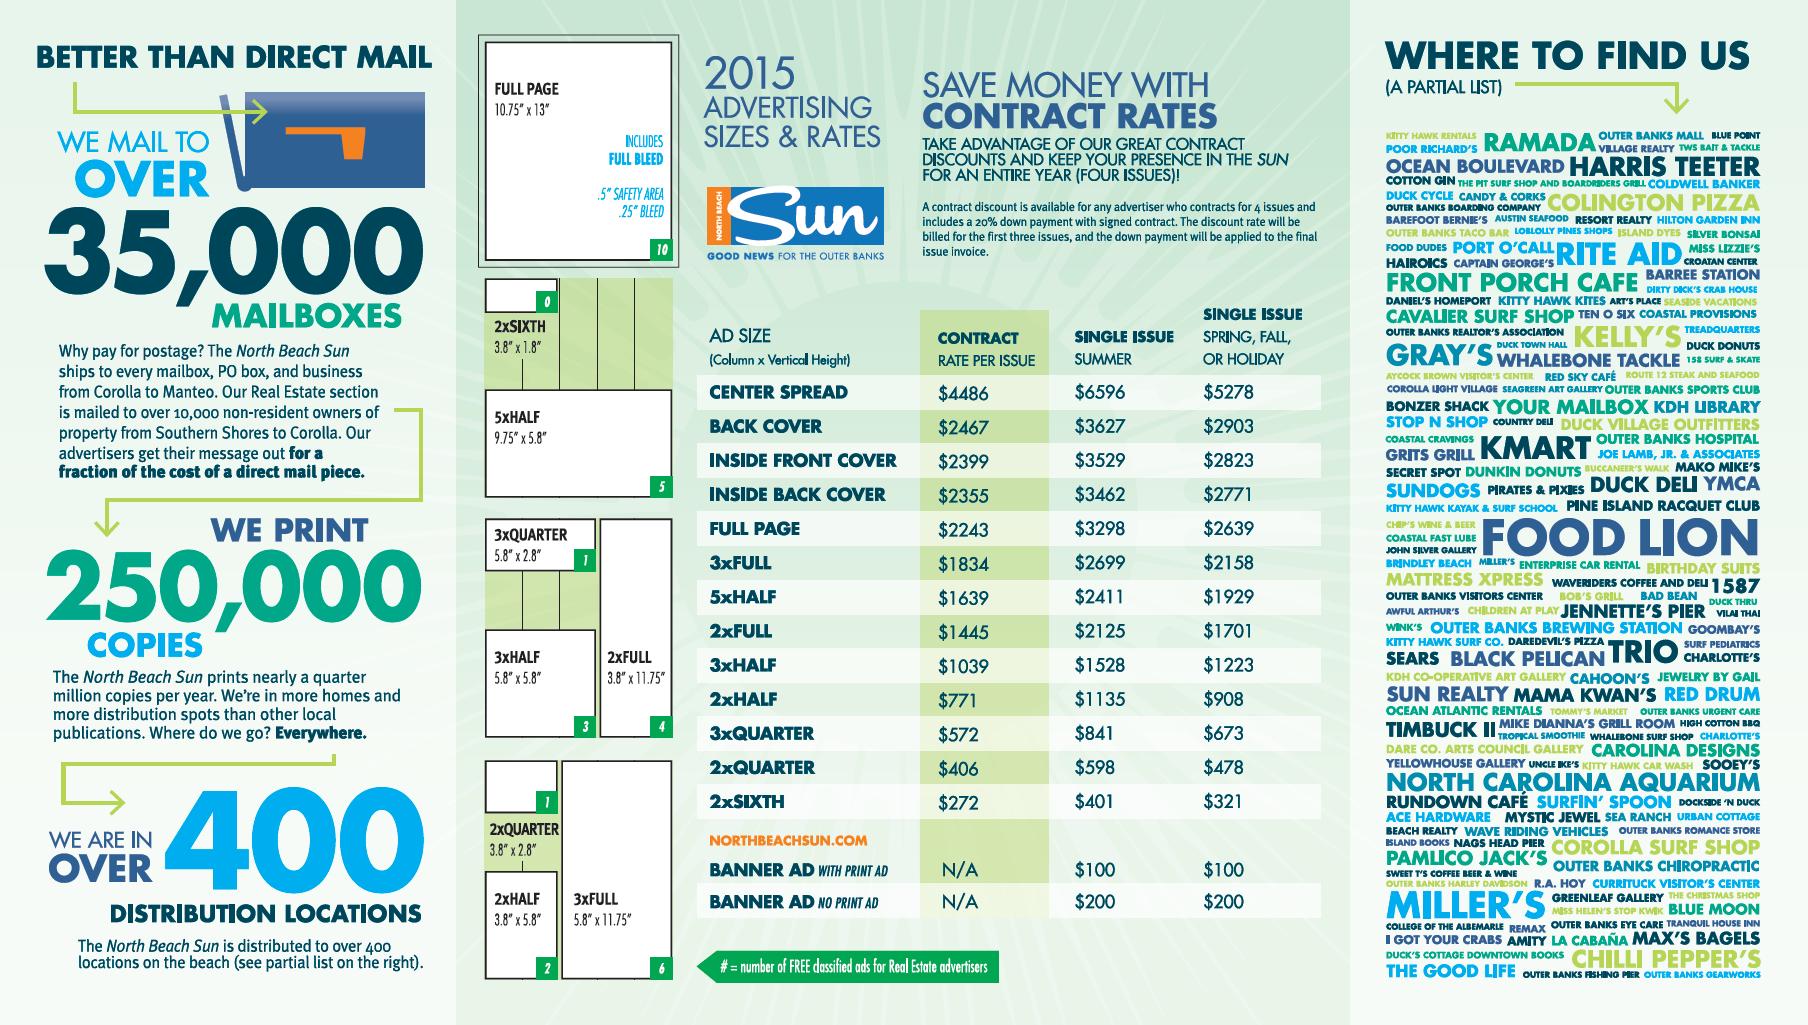 media kit 2015 back